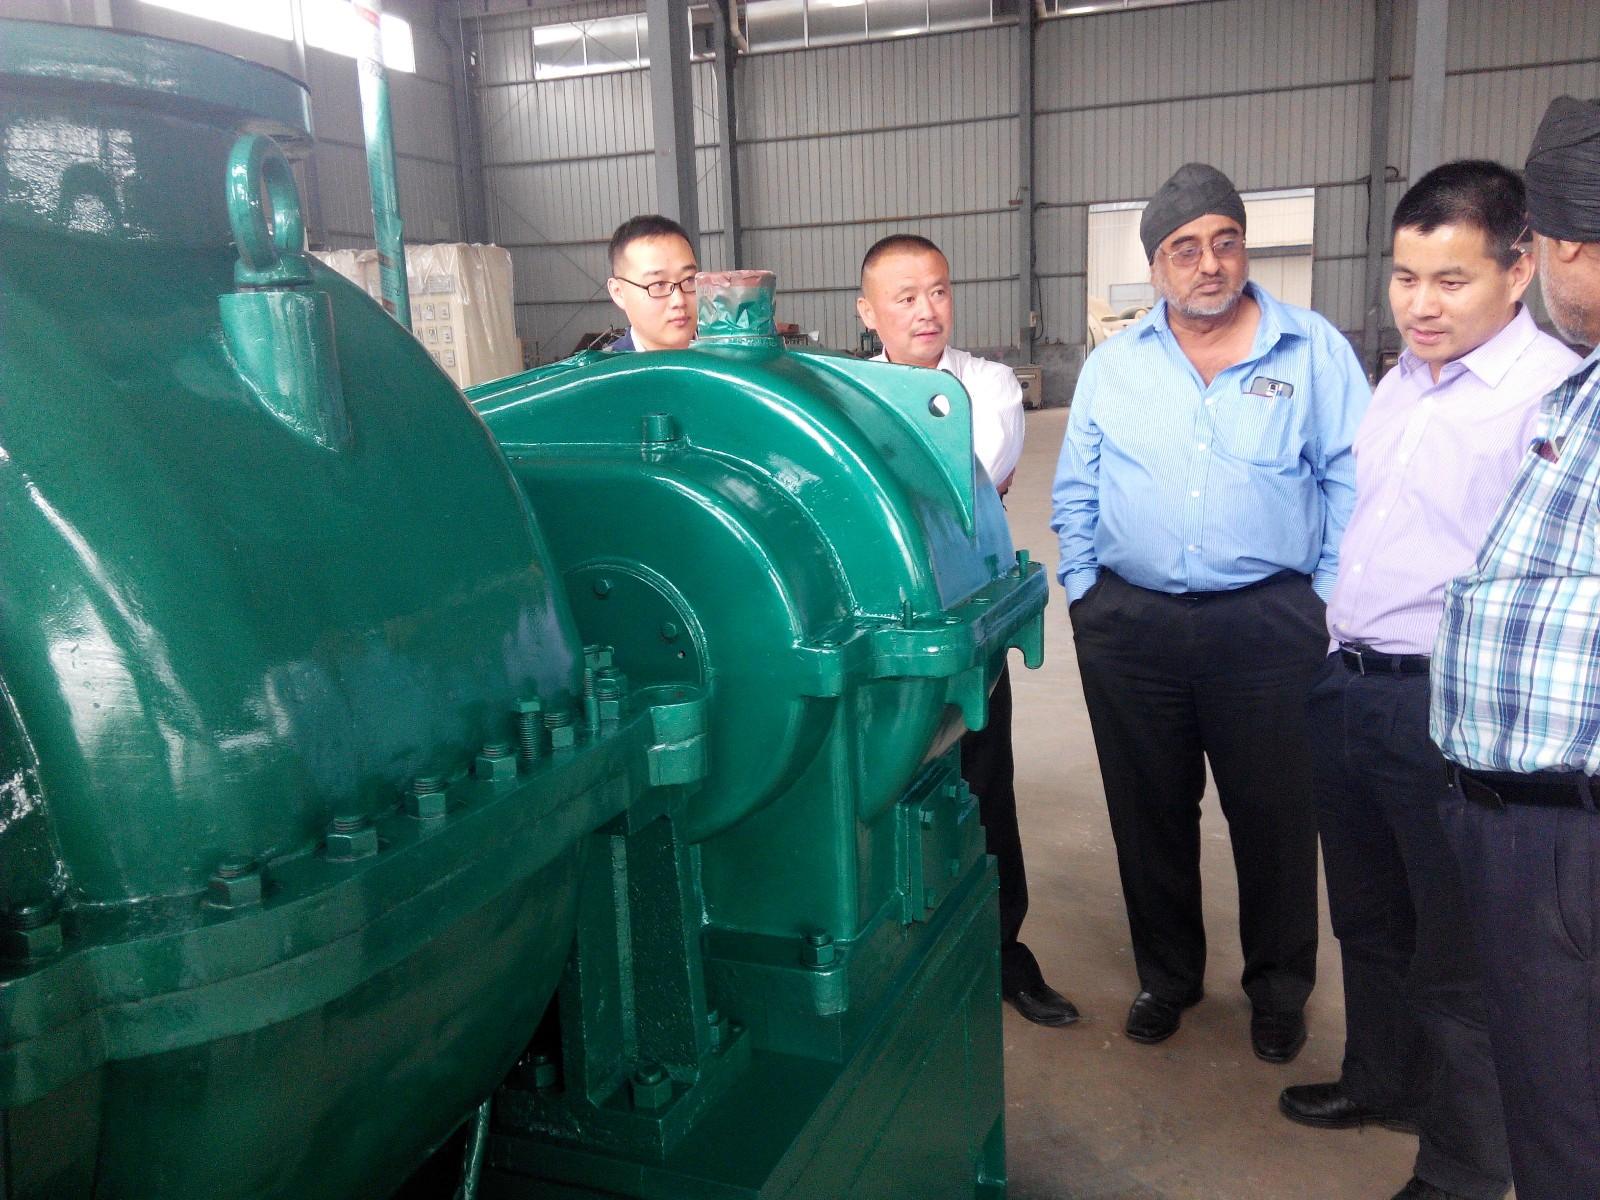 淄博卓信汽轮机公司生产的产品销售于国内外市场|公司资讯-威尼斯官网